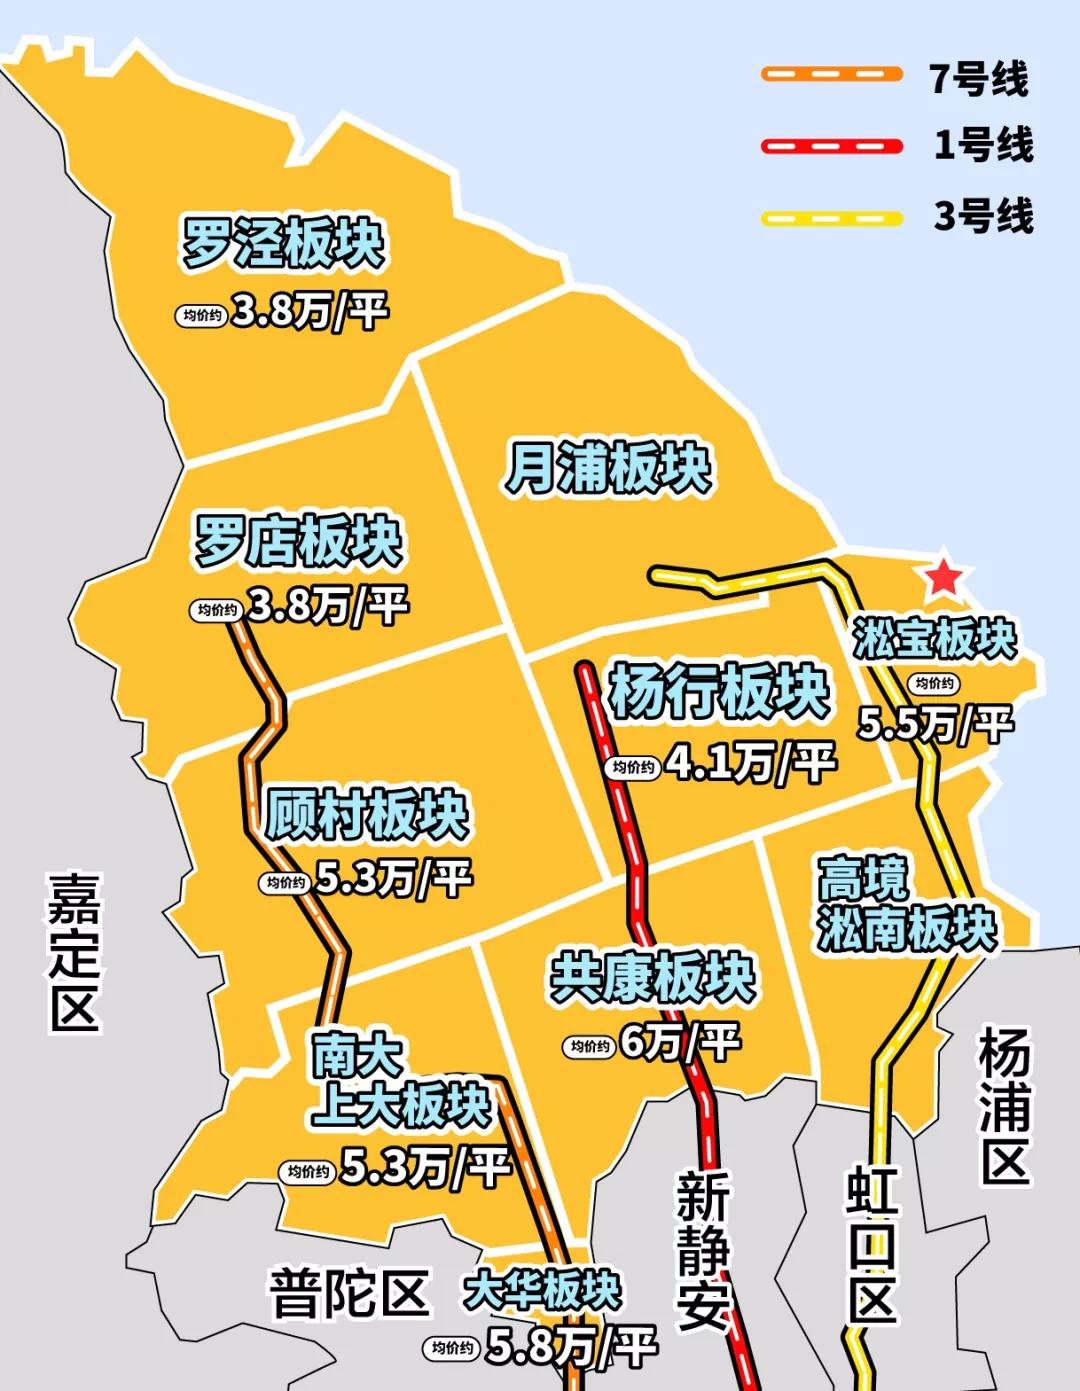 郊环外的上海长滩凭啥卖5.5万?规划大全+价值分析+项目评测